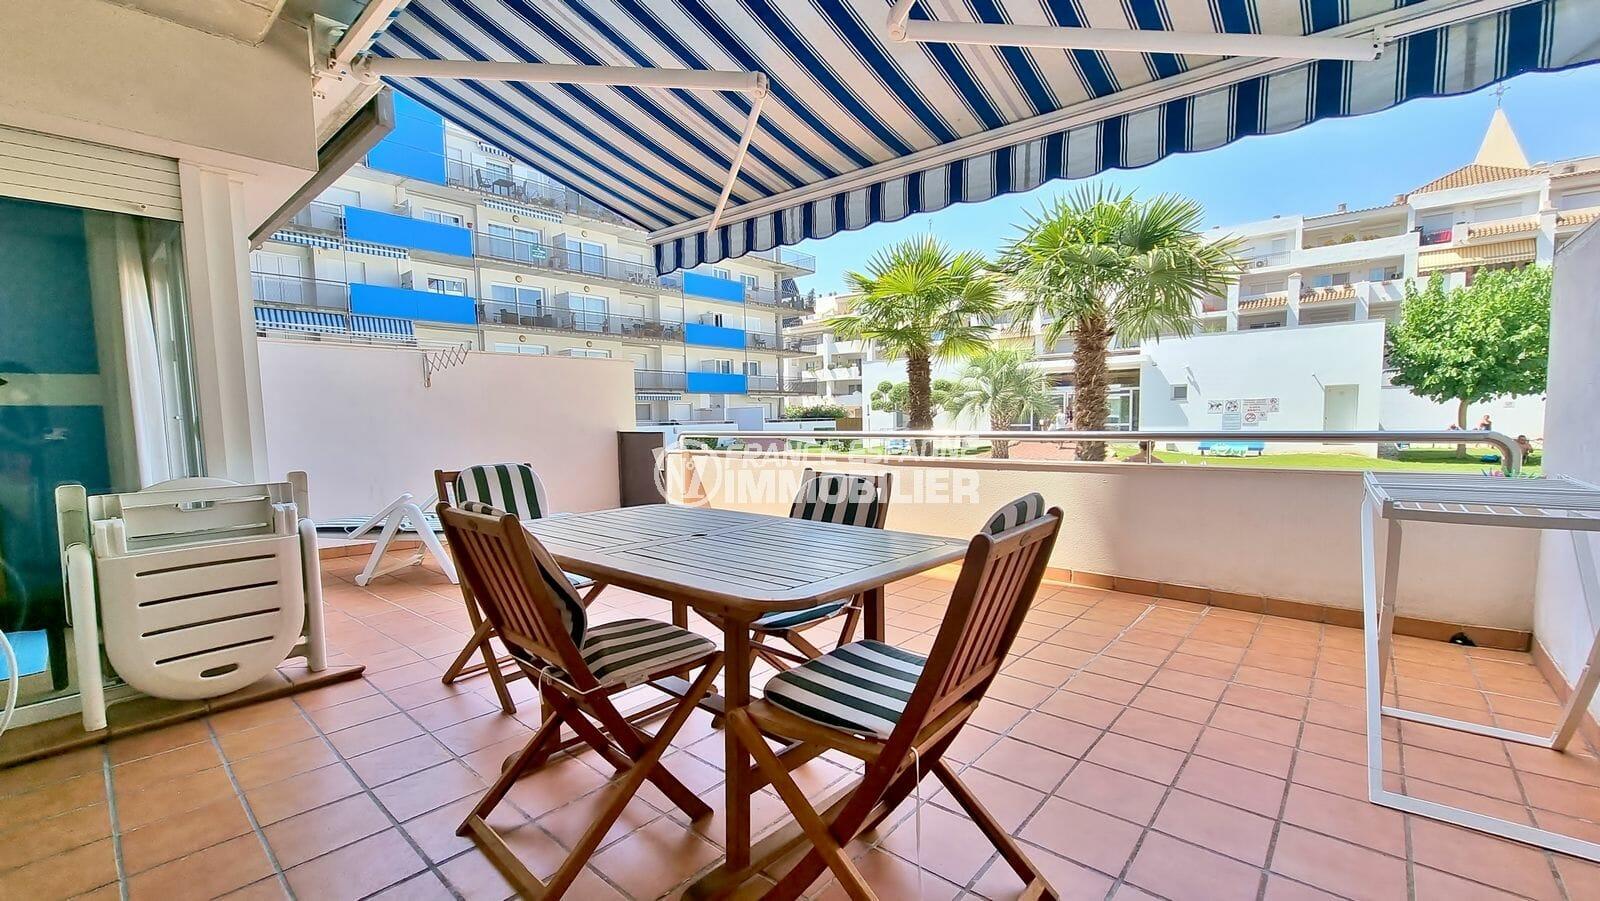 appartement rosas a vendre, 3 pièces 68 m², grande terrasse 34 m² avec accès direct piscine, exposition sud, proche plage